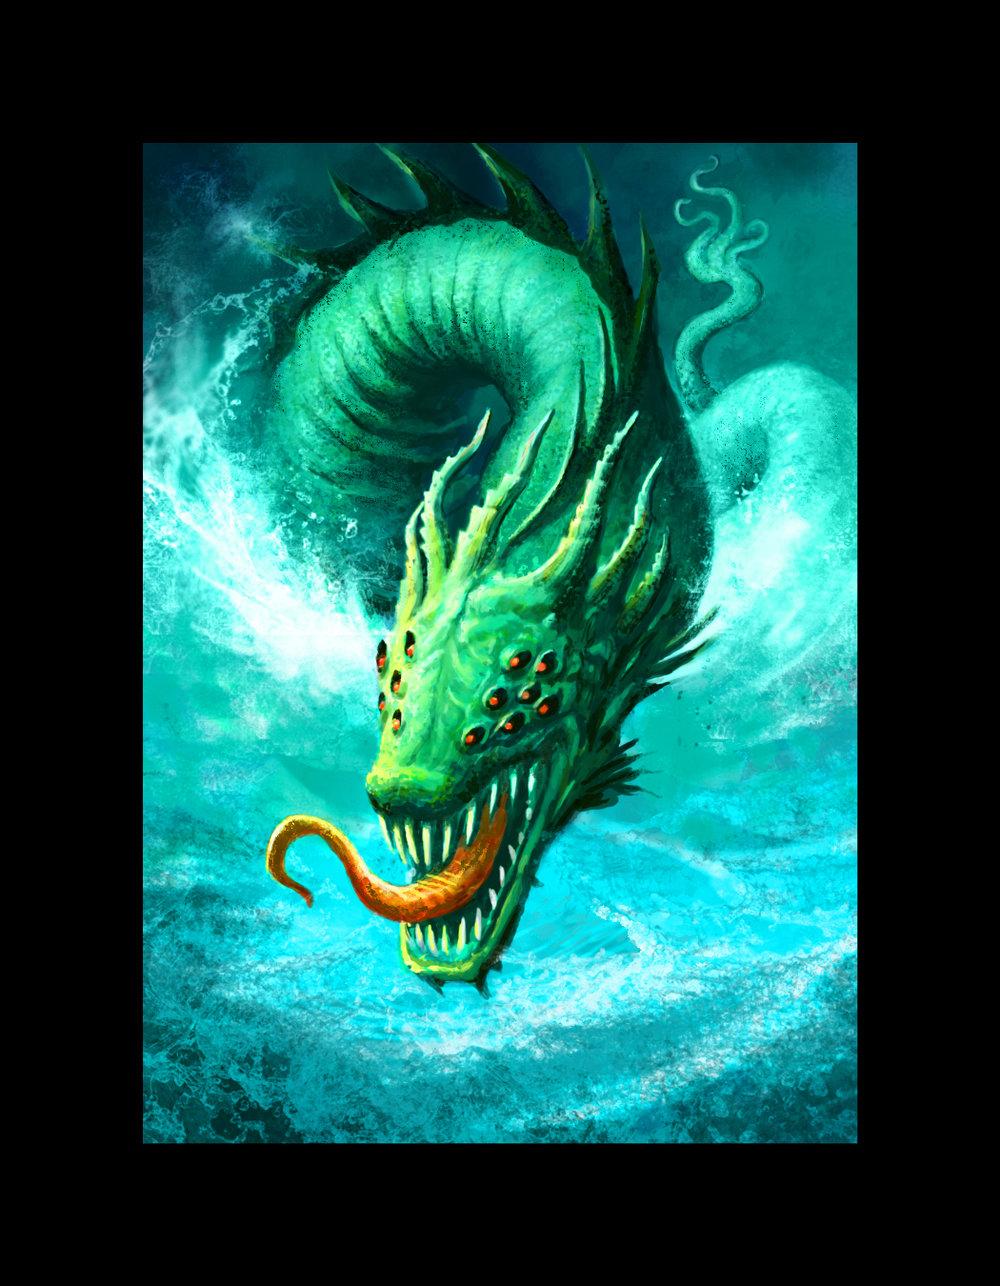 ThundLightn_AsgardianSerpent2.jpg